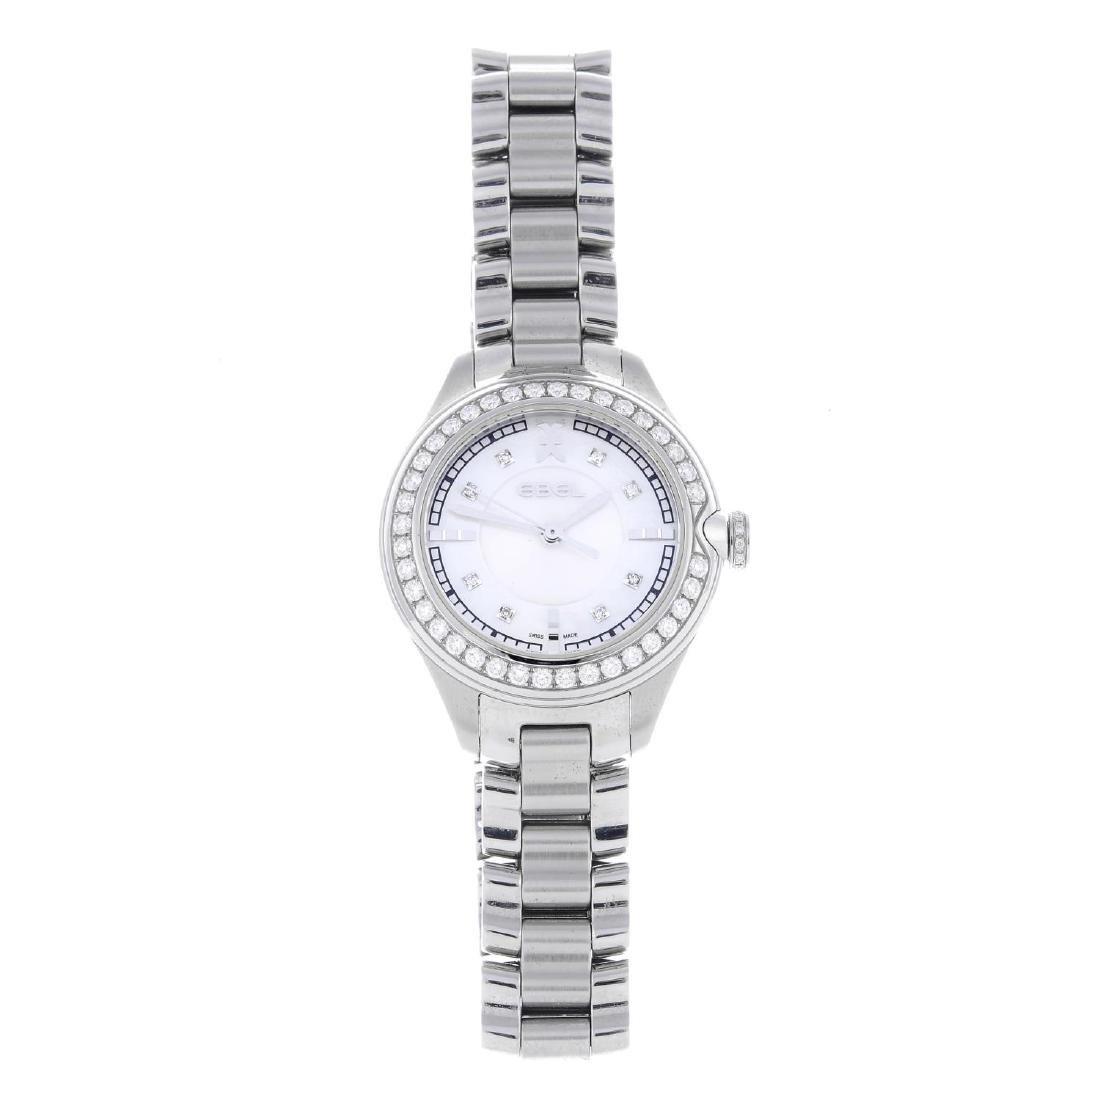 EBEL - a lady's Onde bracelet watch. Stainless steel